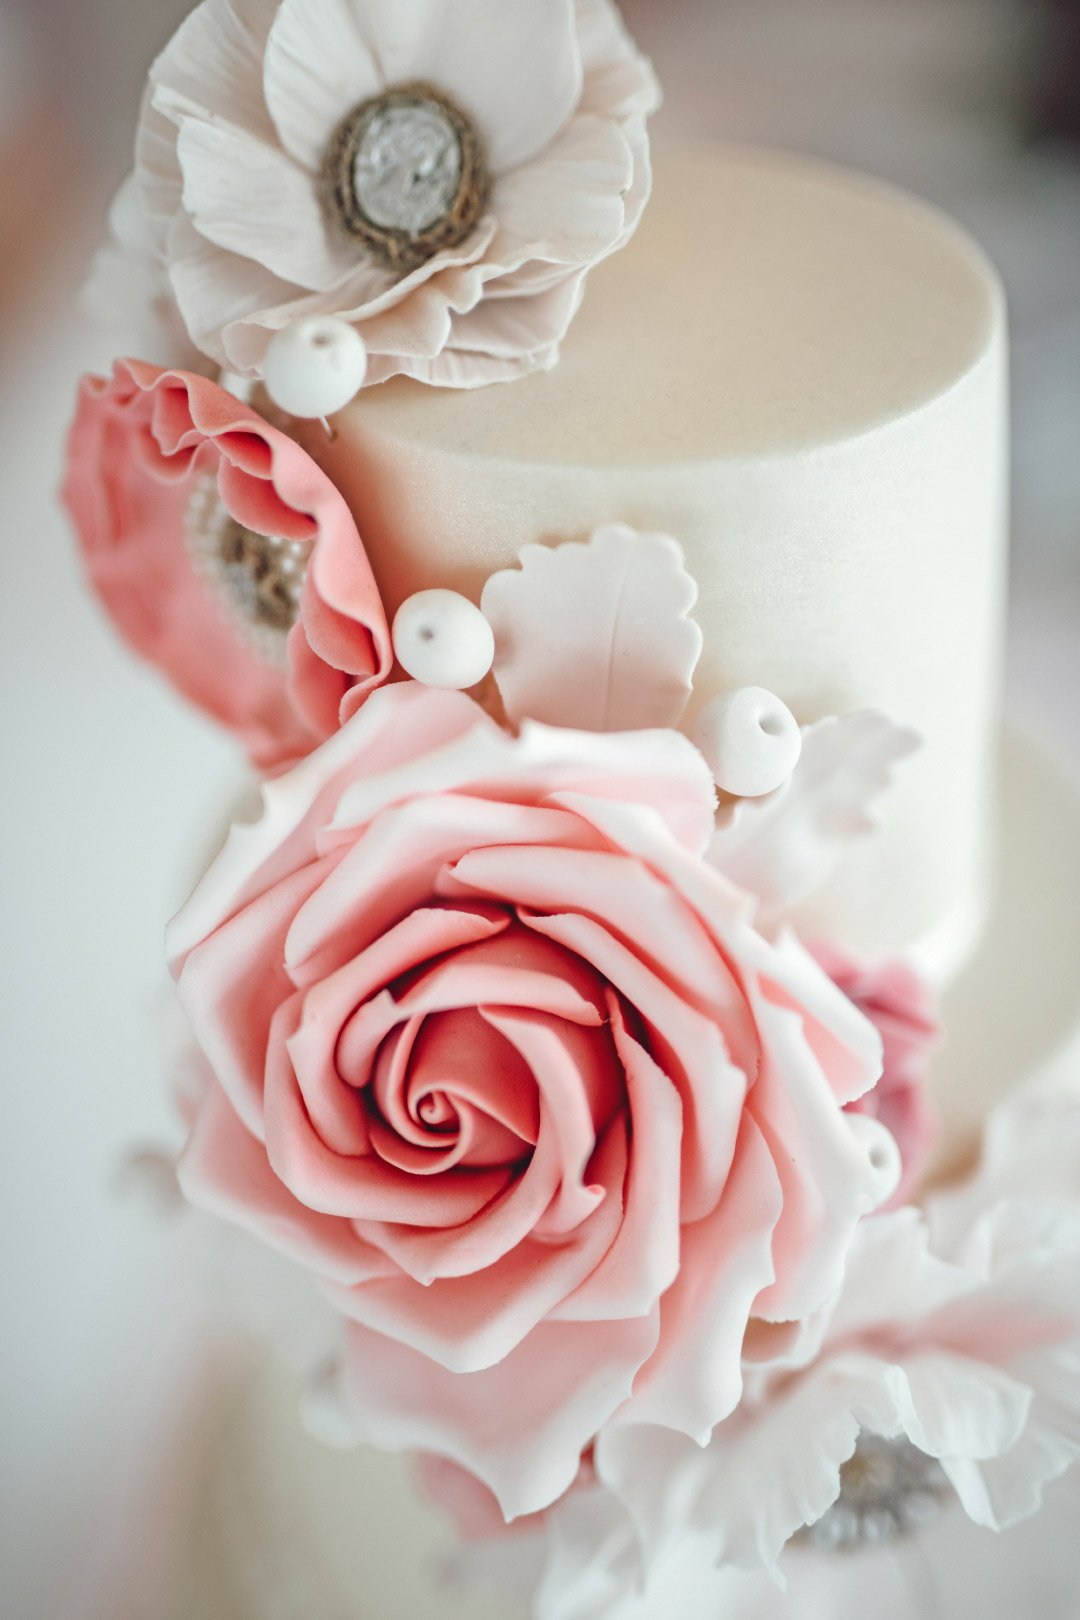 Aus Zuckerpaste modellierte Blumen an einer Hochzeitstorte